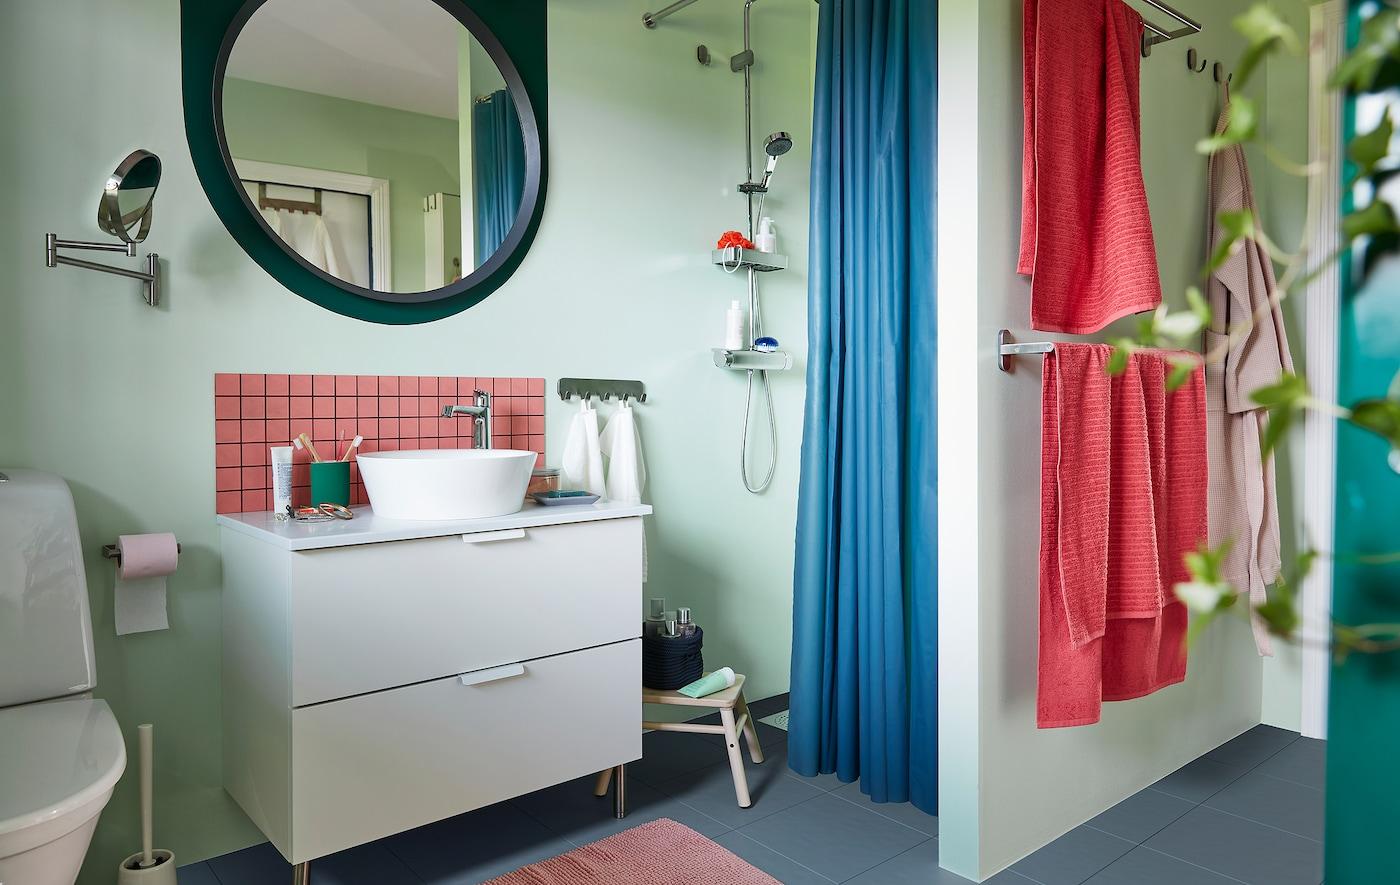 Gut organisiertes Badezimmer in sanften Pastelltönen. Zu sehen sind ein Waschbecken, eine Dusche und ein großer Spiegel.